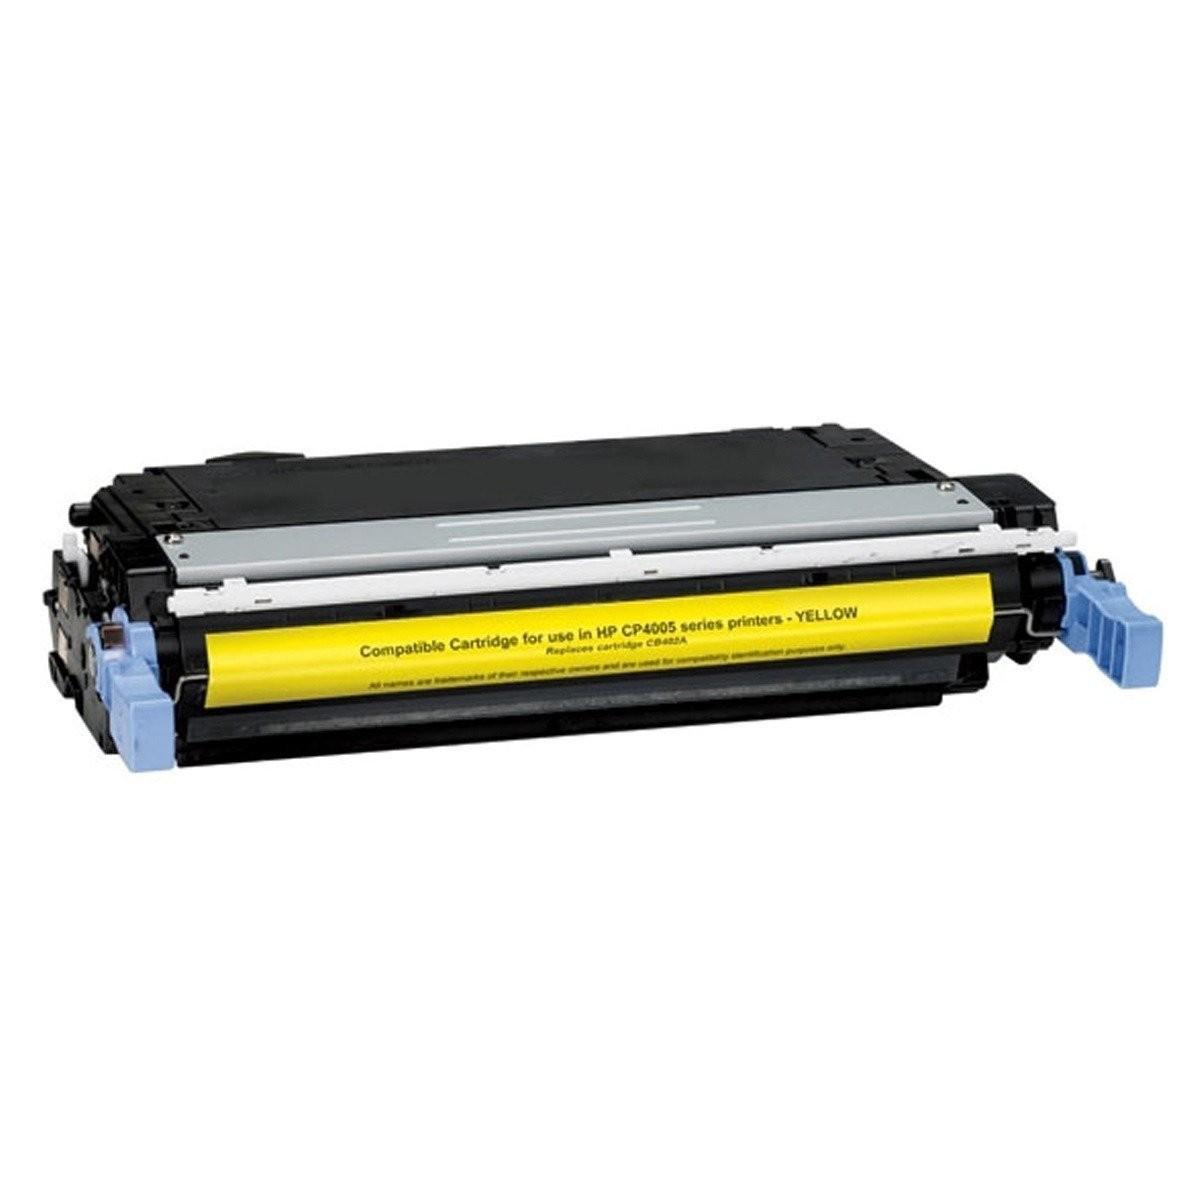 HP CB402A Y (HP 642A) Lasertoner,Gul.Kompatibel,7500 sider